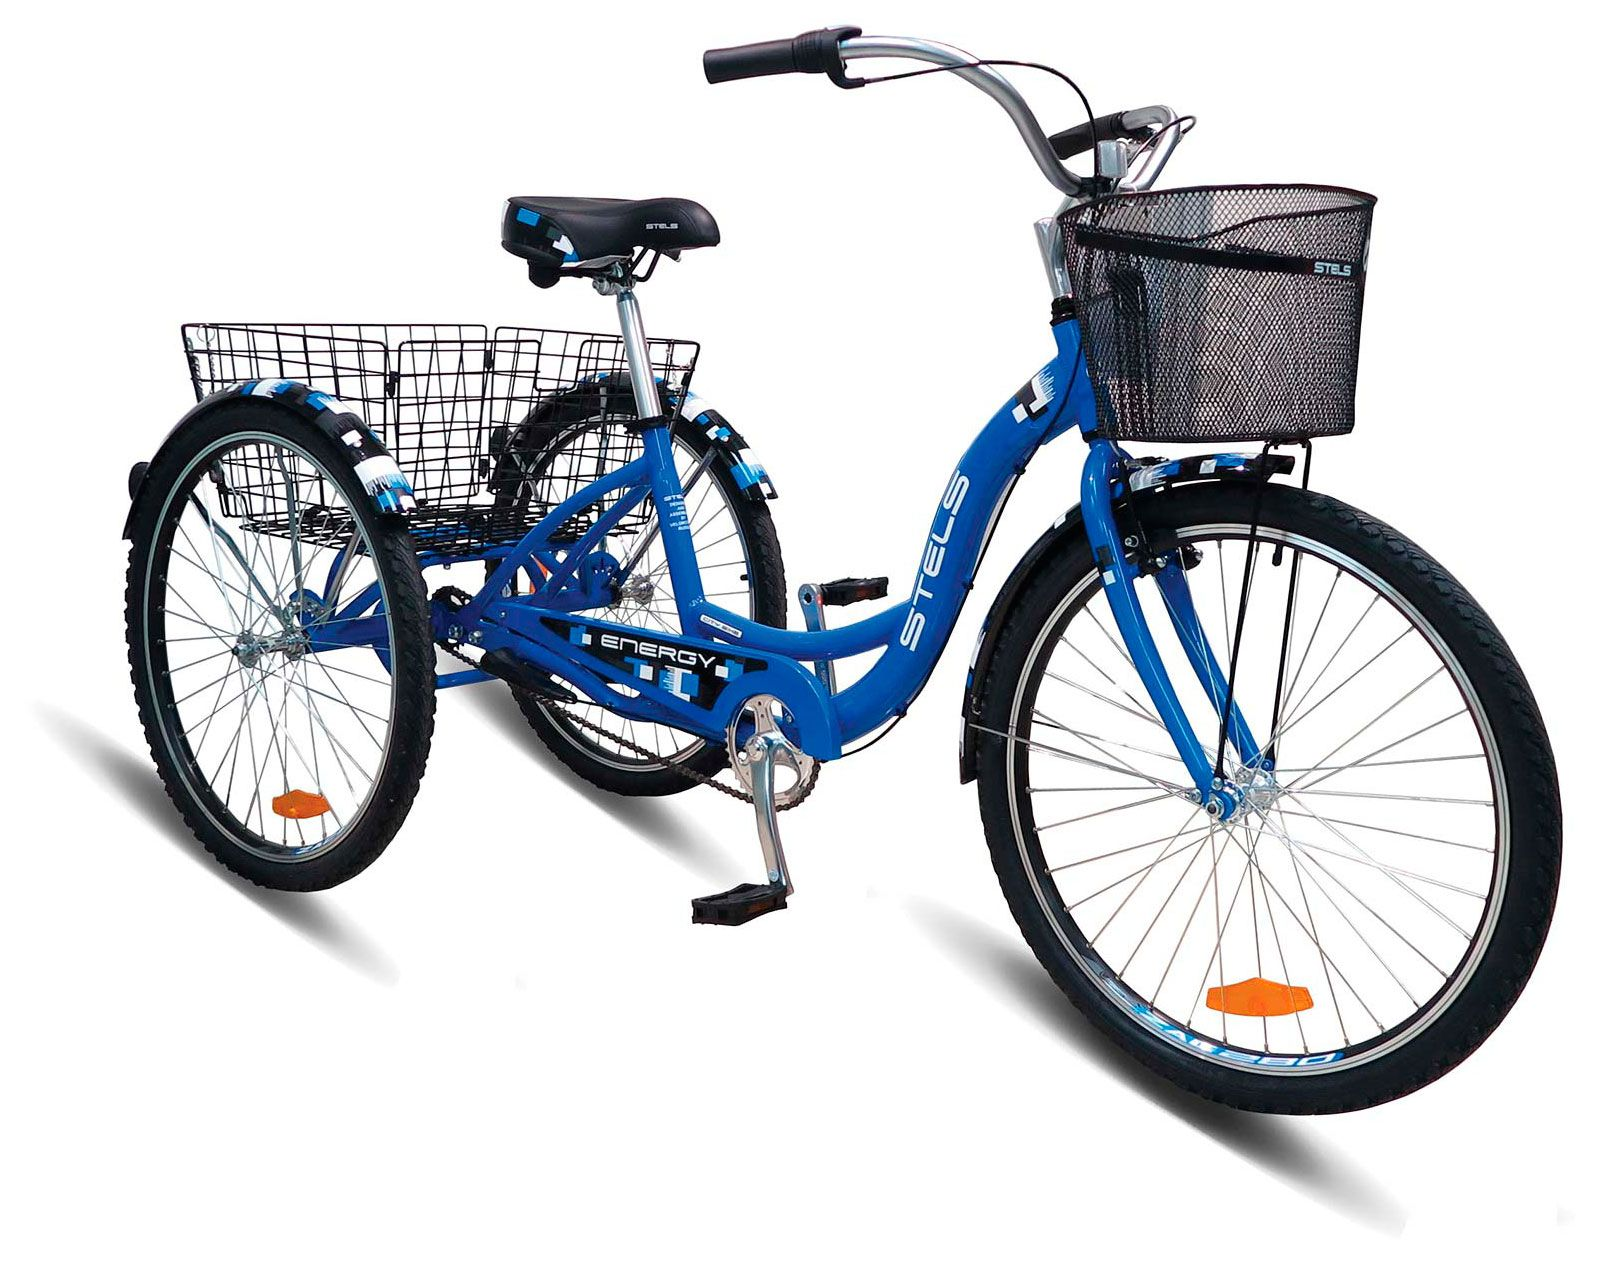 Велосипед Stels Energy-III 26 (V030) 2017 велосипед stels pilot 110 14 2014